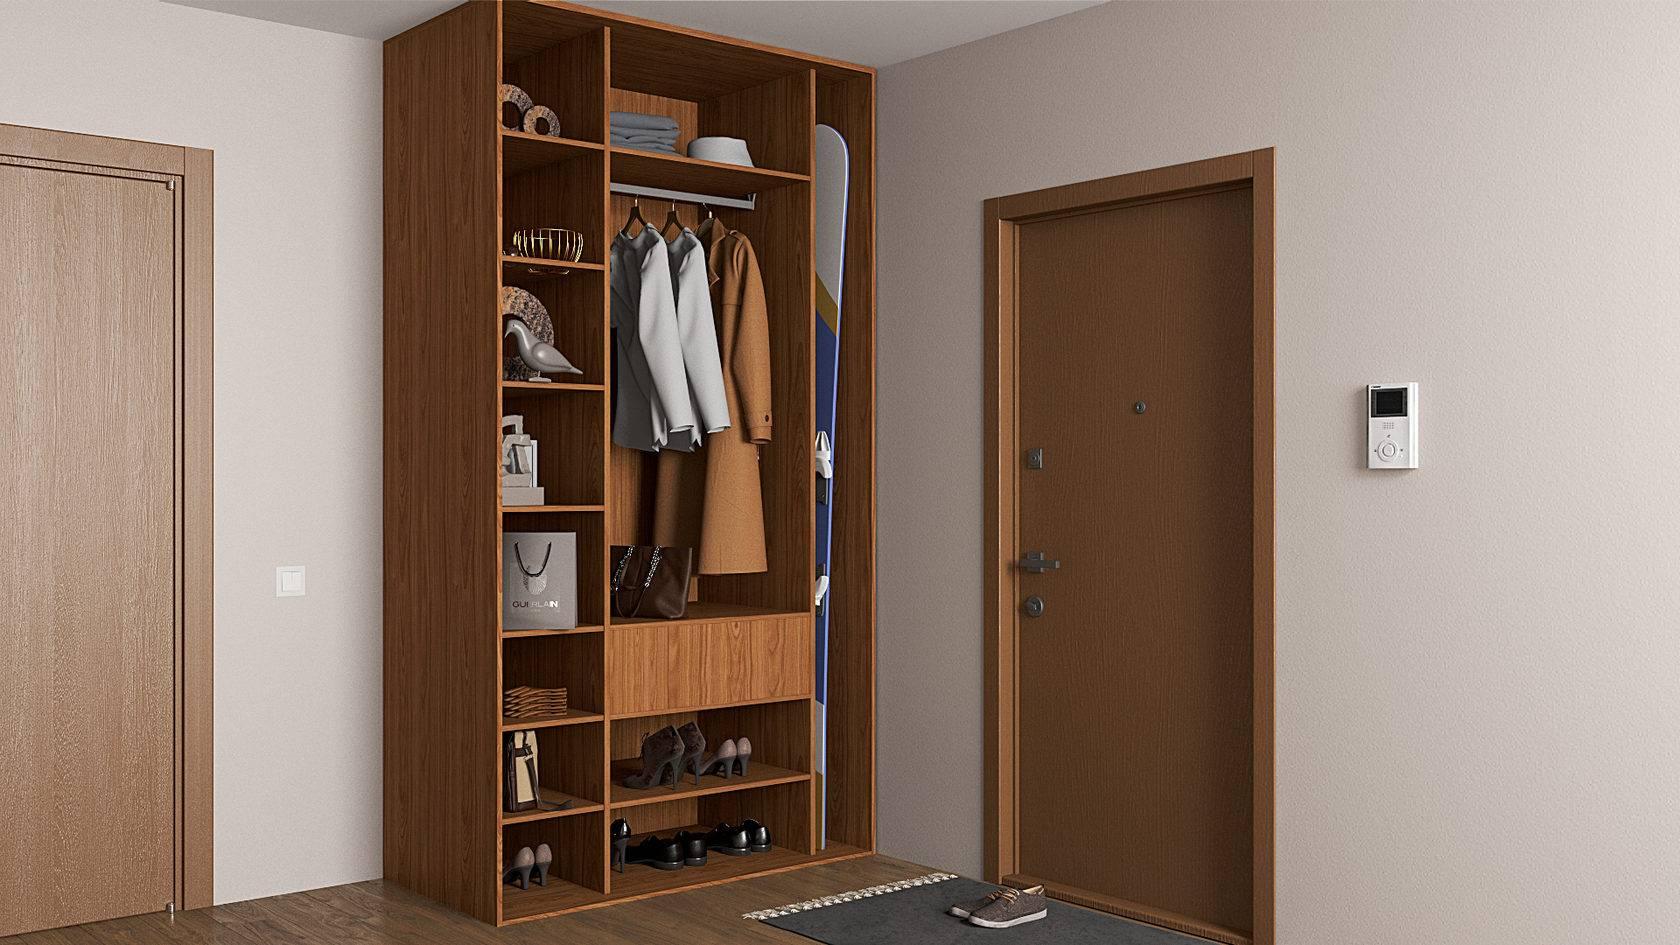 Шкаф купе в спальню – оптимизируем пространство правильно